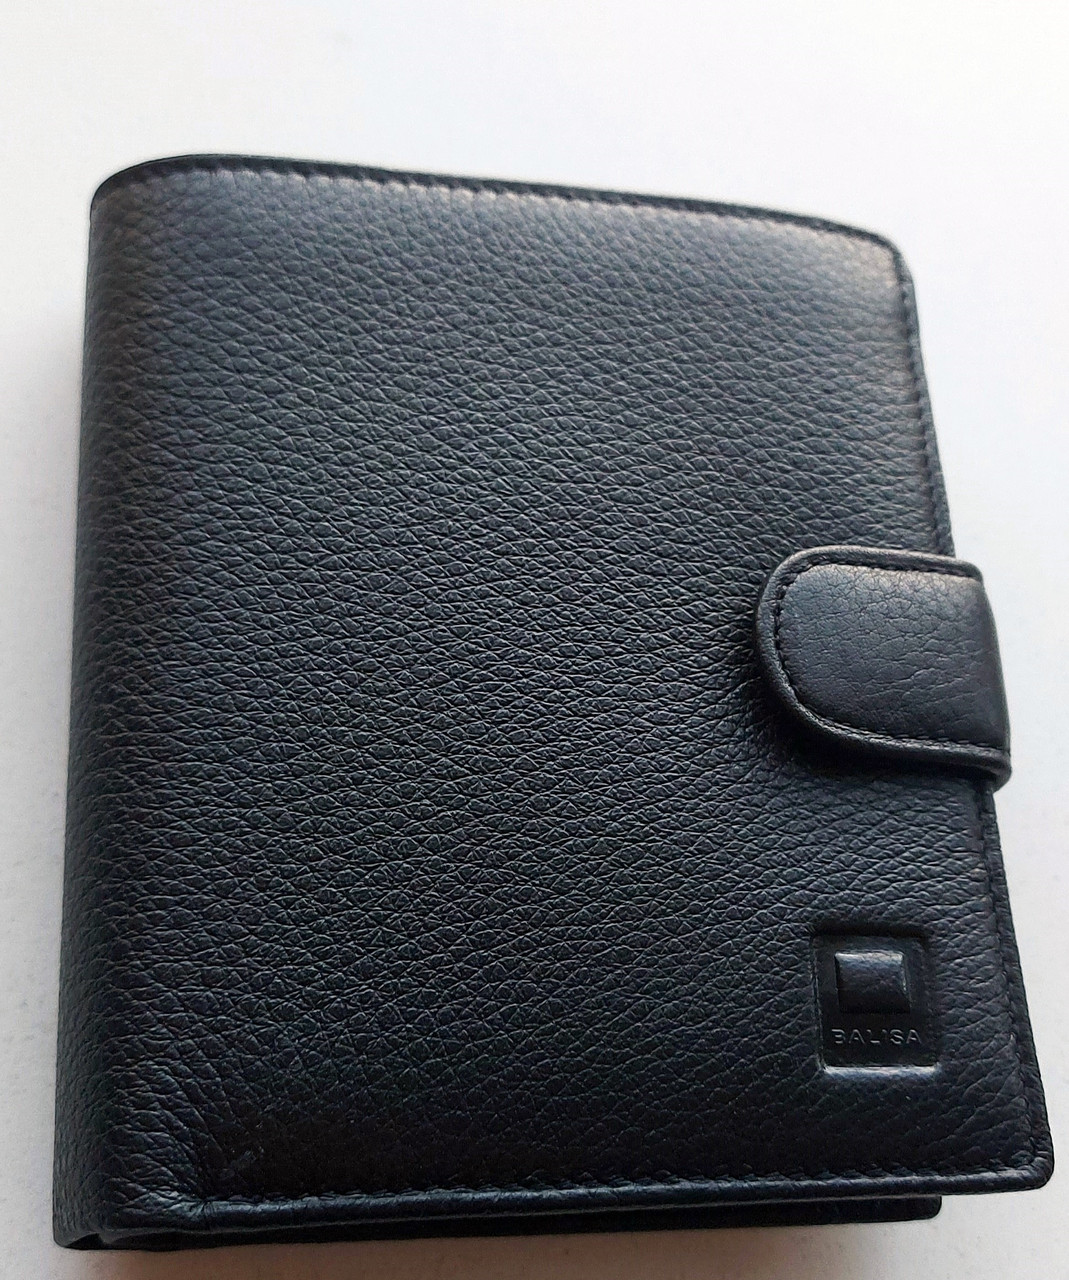 Мужское кожаное портмоне BA 6-18 black, купить мужское портмоне Balisa недорого в Украине